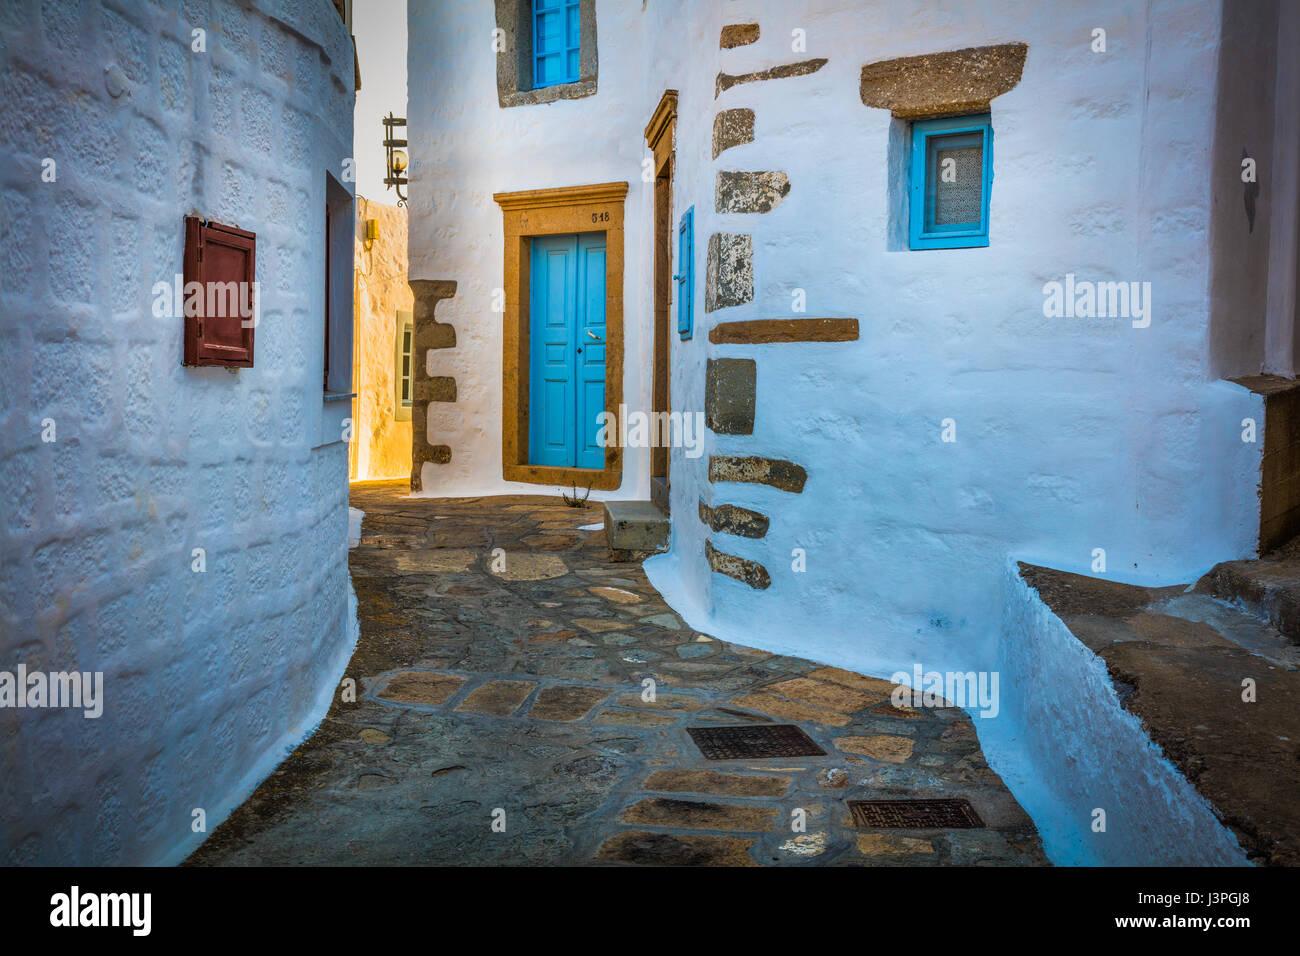 Straße in Chora auf der griechischen Insel Patmos. Patmos ist eine kleine griechische Insel im Ägäischen Meer. Stockfoto